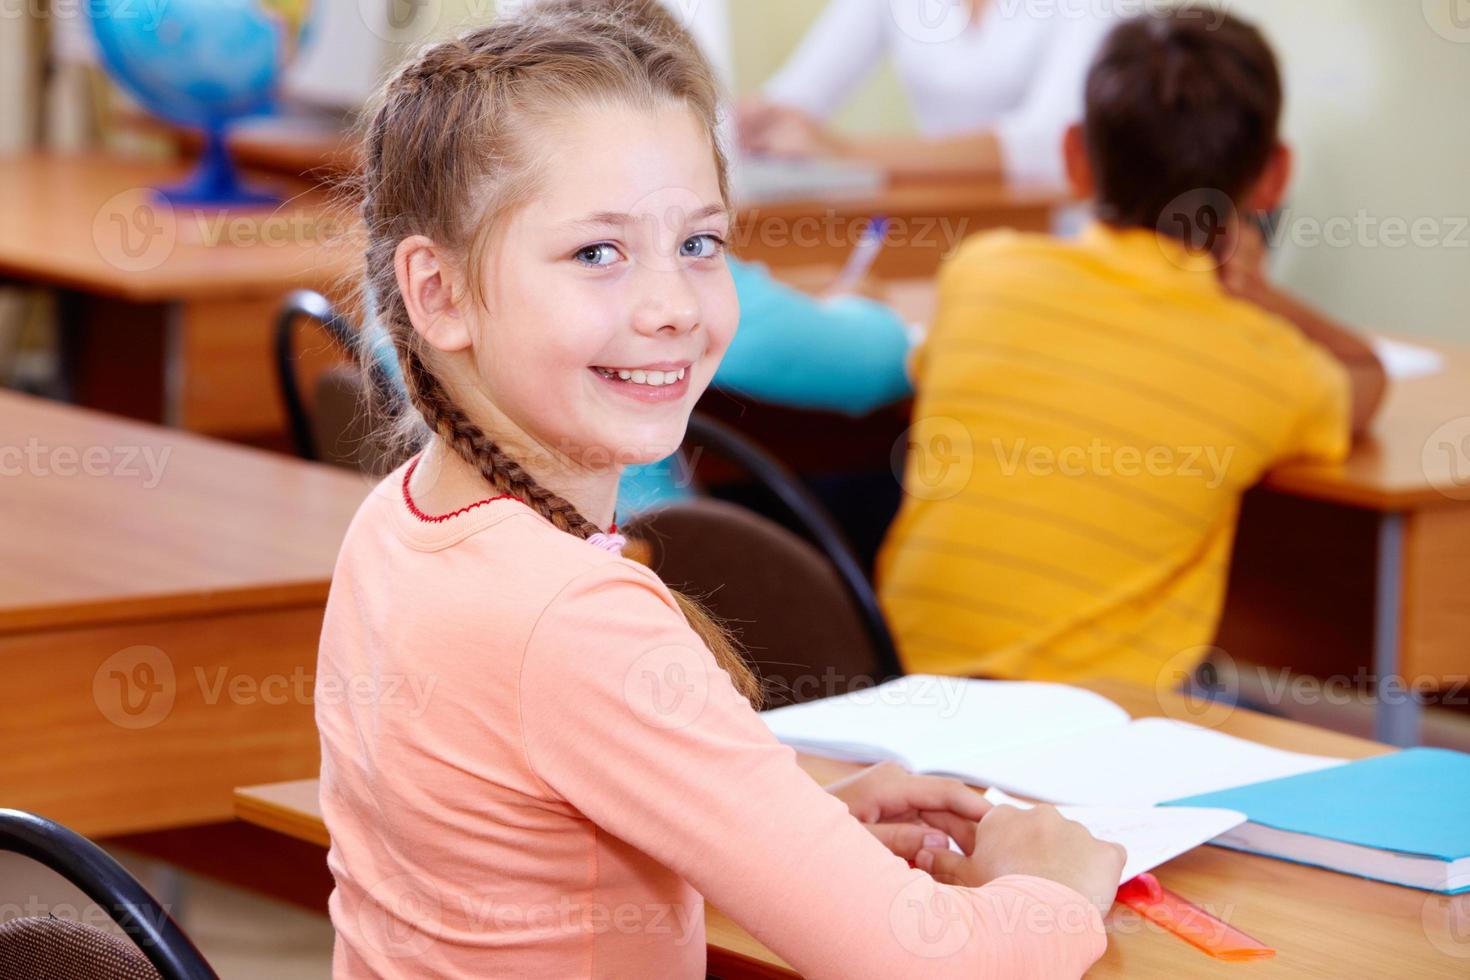 escolar adorable foto